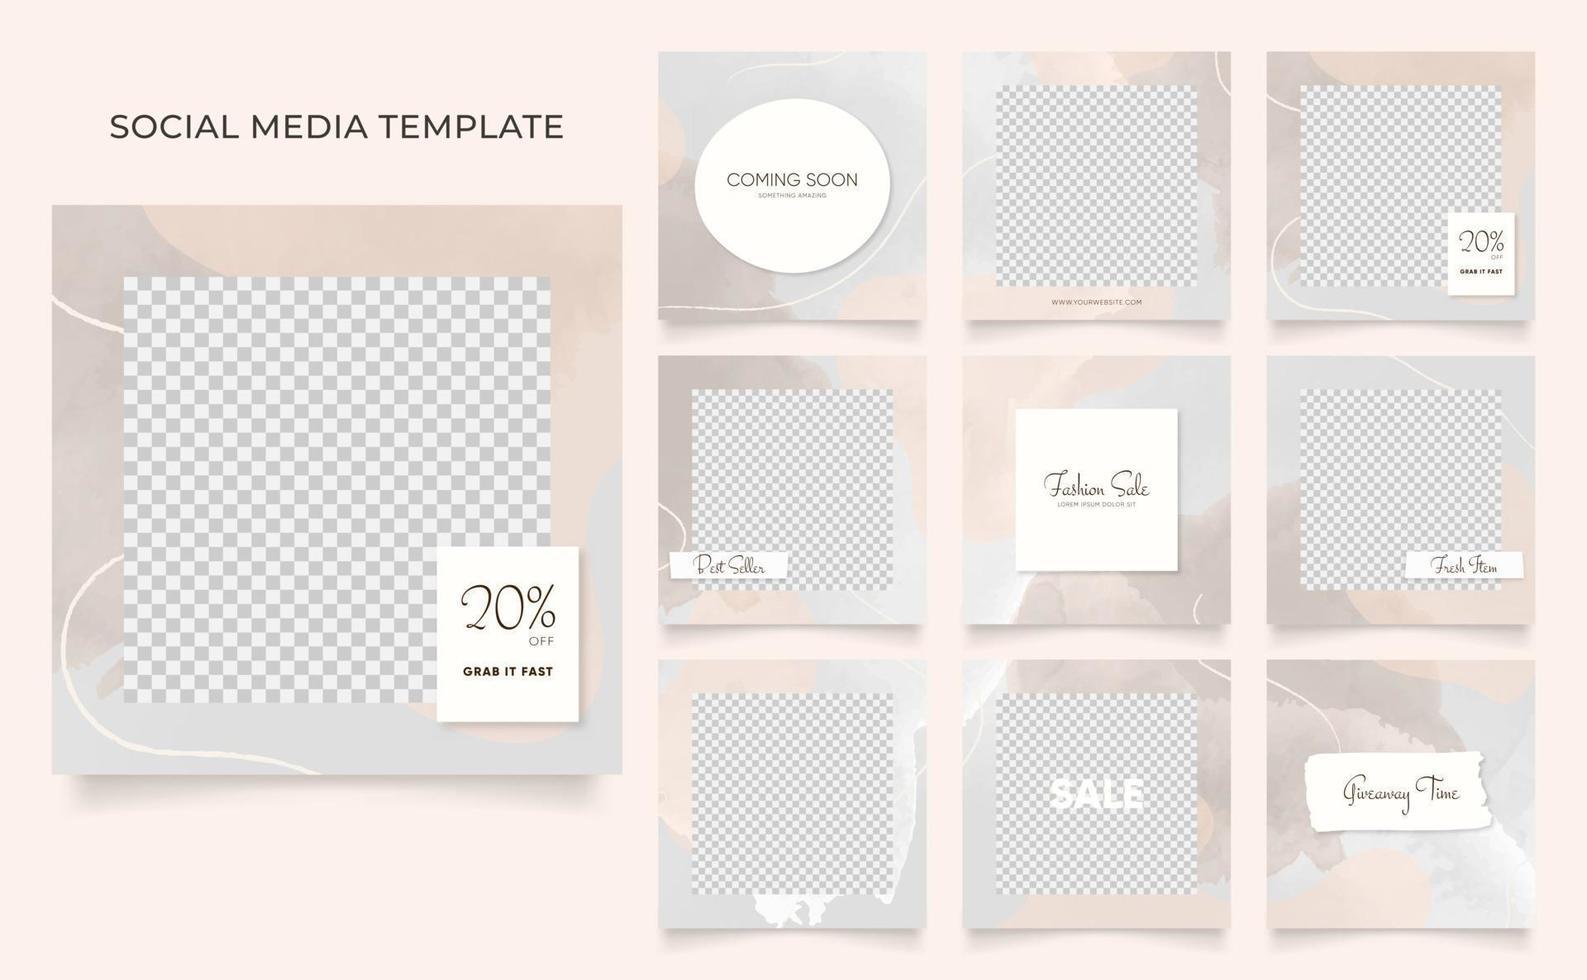 sociala medier mall banner blogg mode försäljning marknadsföring. fullt redigerbar instagram och facebook fyrkantig post ram pussel organisk försäljning affisch. rosa röd vit vektor bakgrund